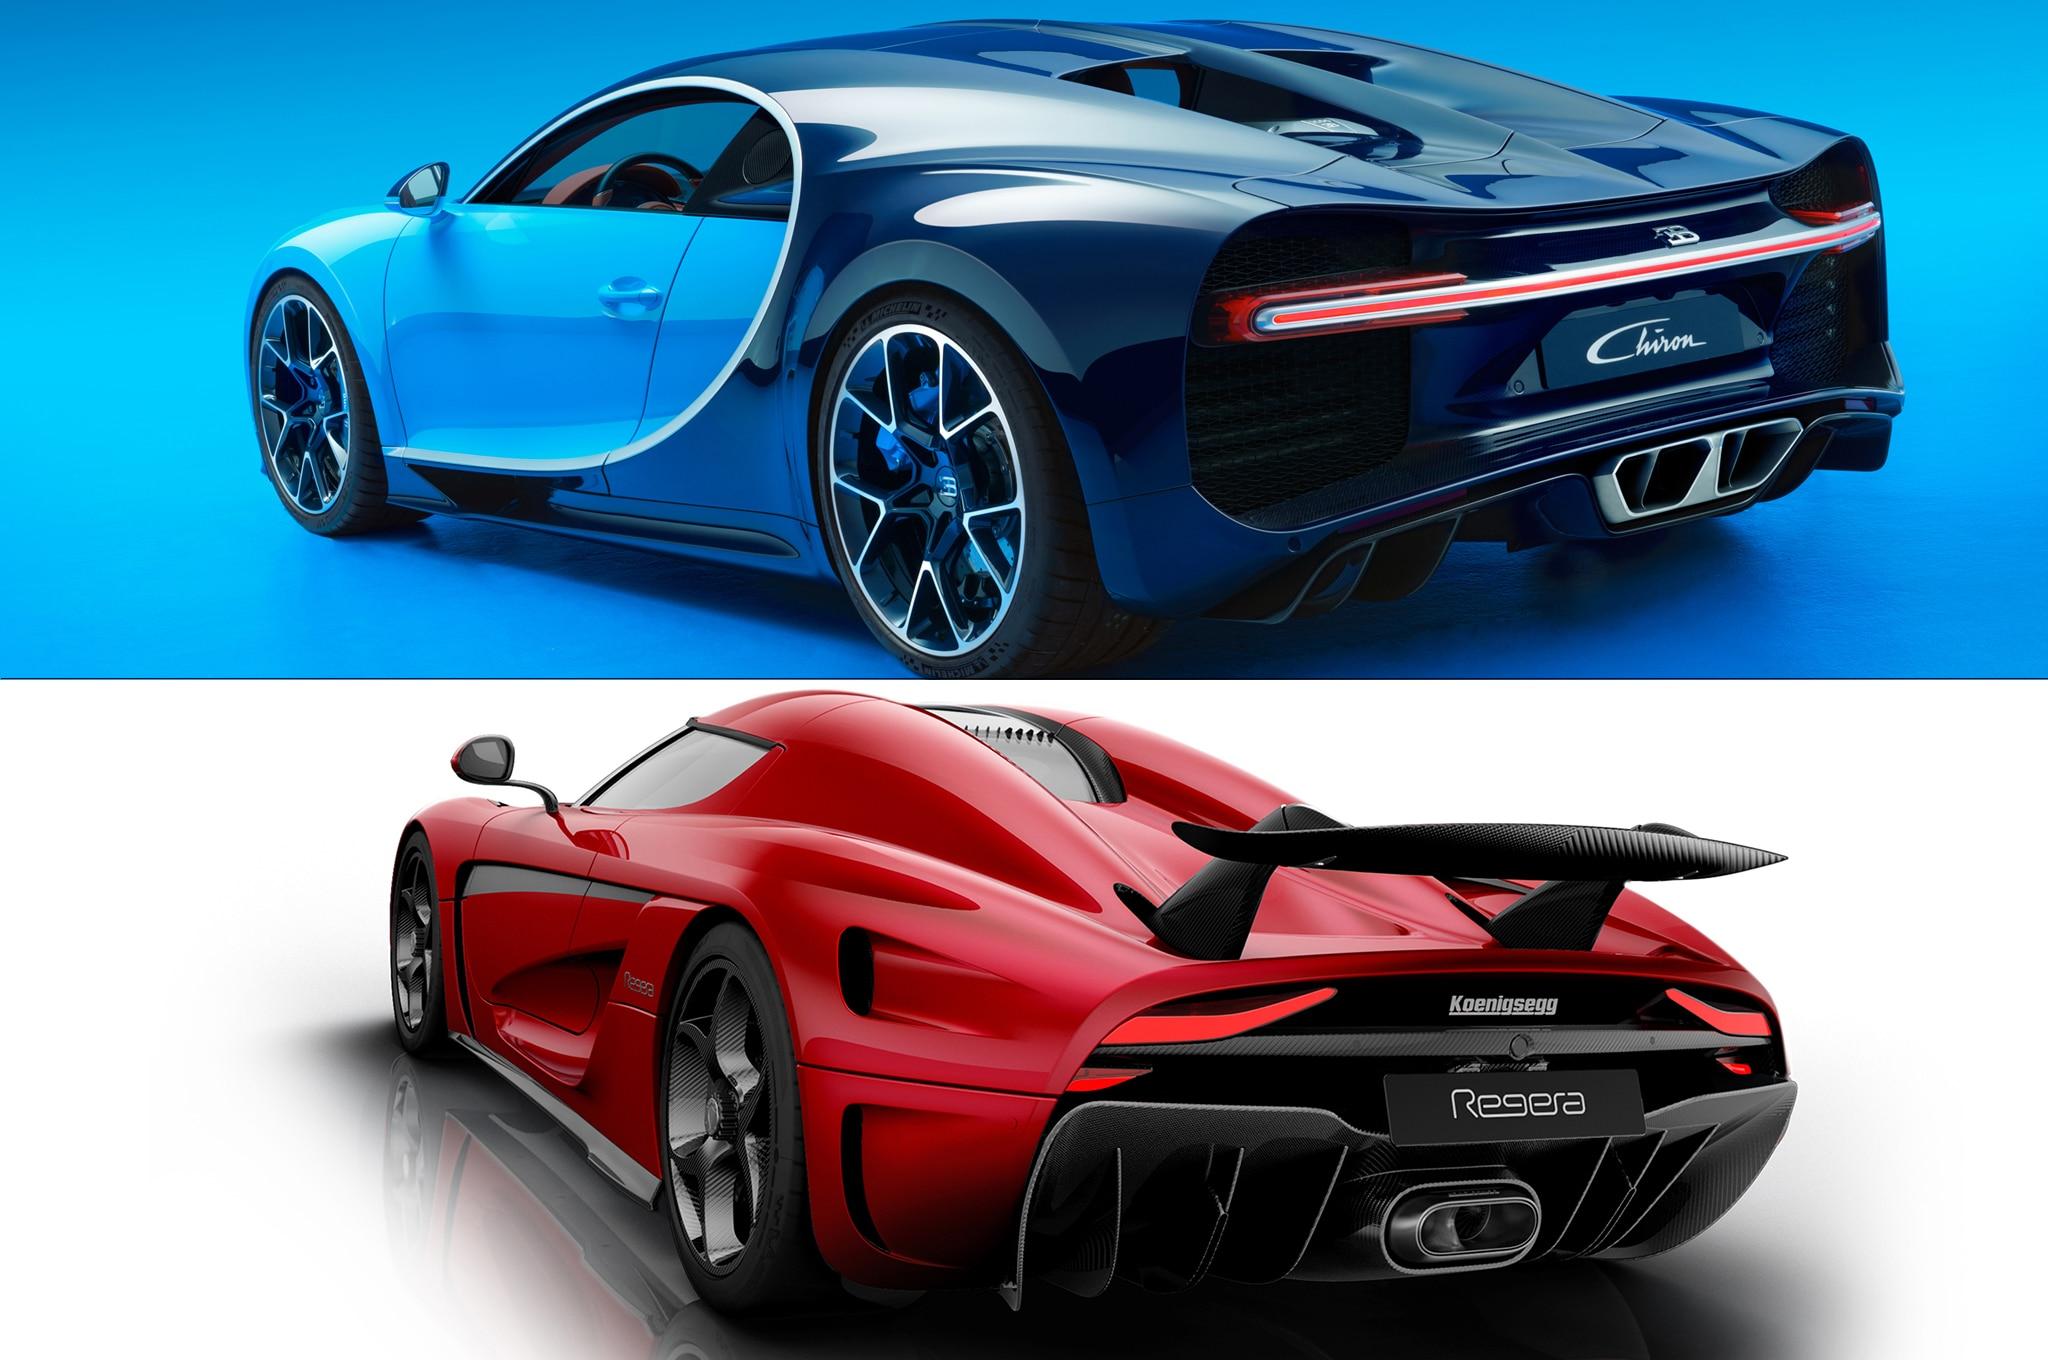 Koenigsegg Regera 2018 >> Hypercar Face-Off: Bugatti Chiron vs. Koenigsegg Regera | Automobile Magazine